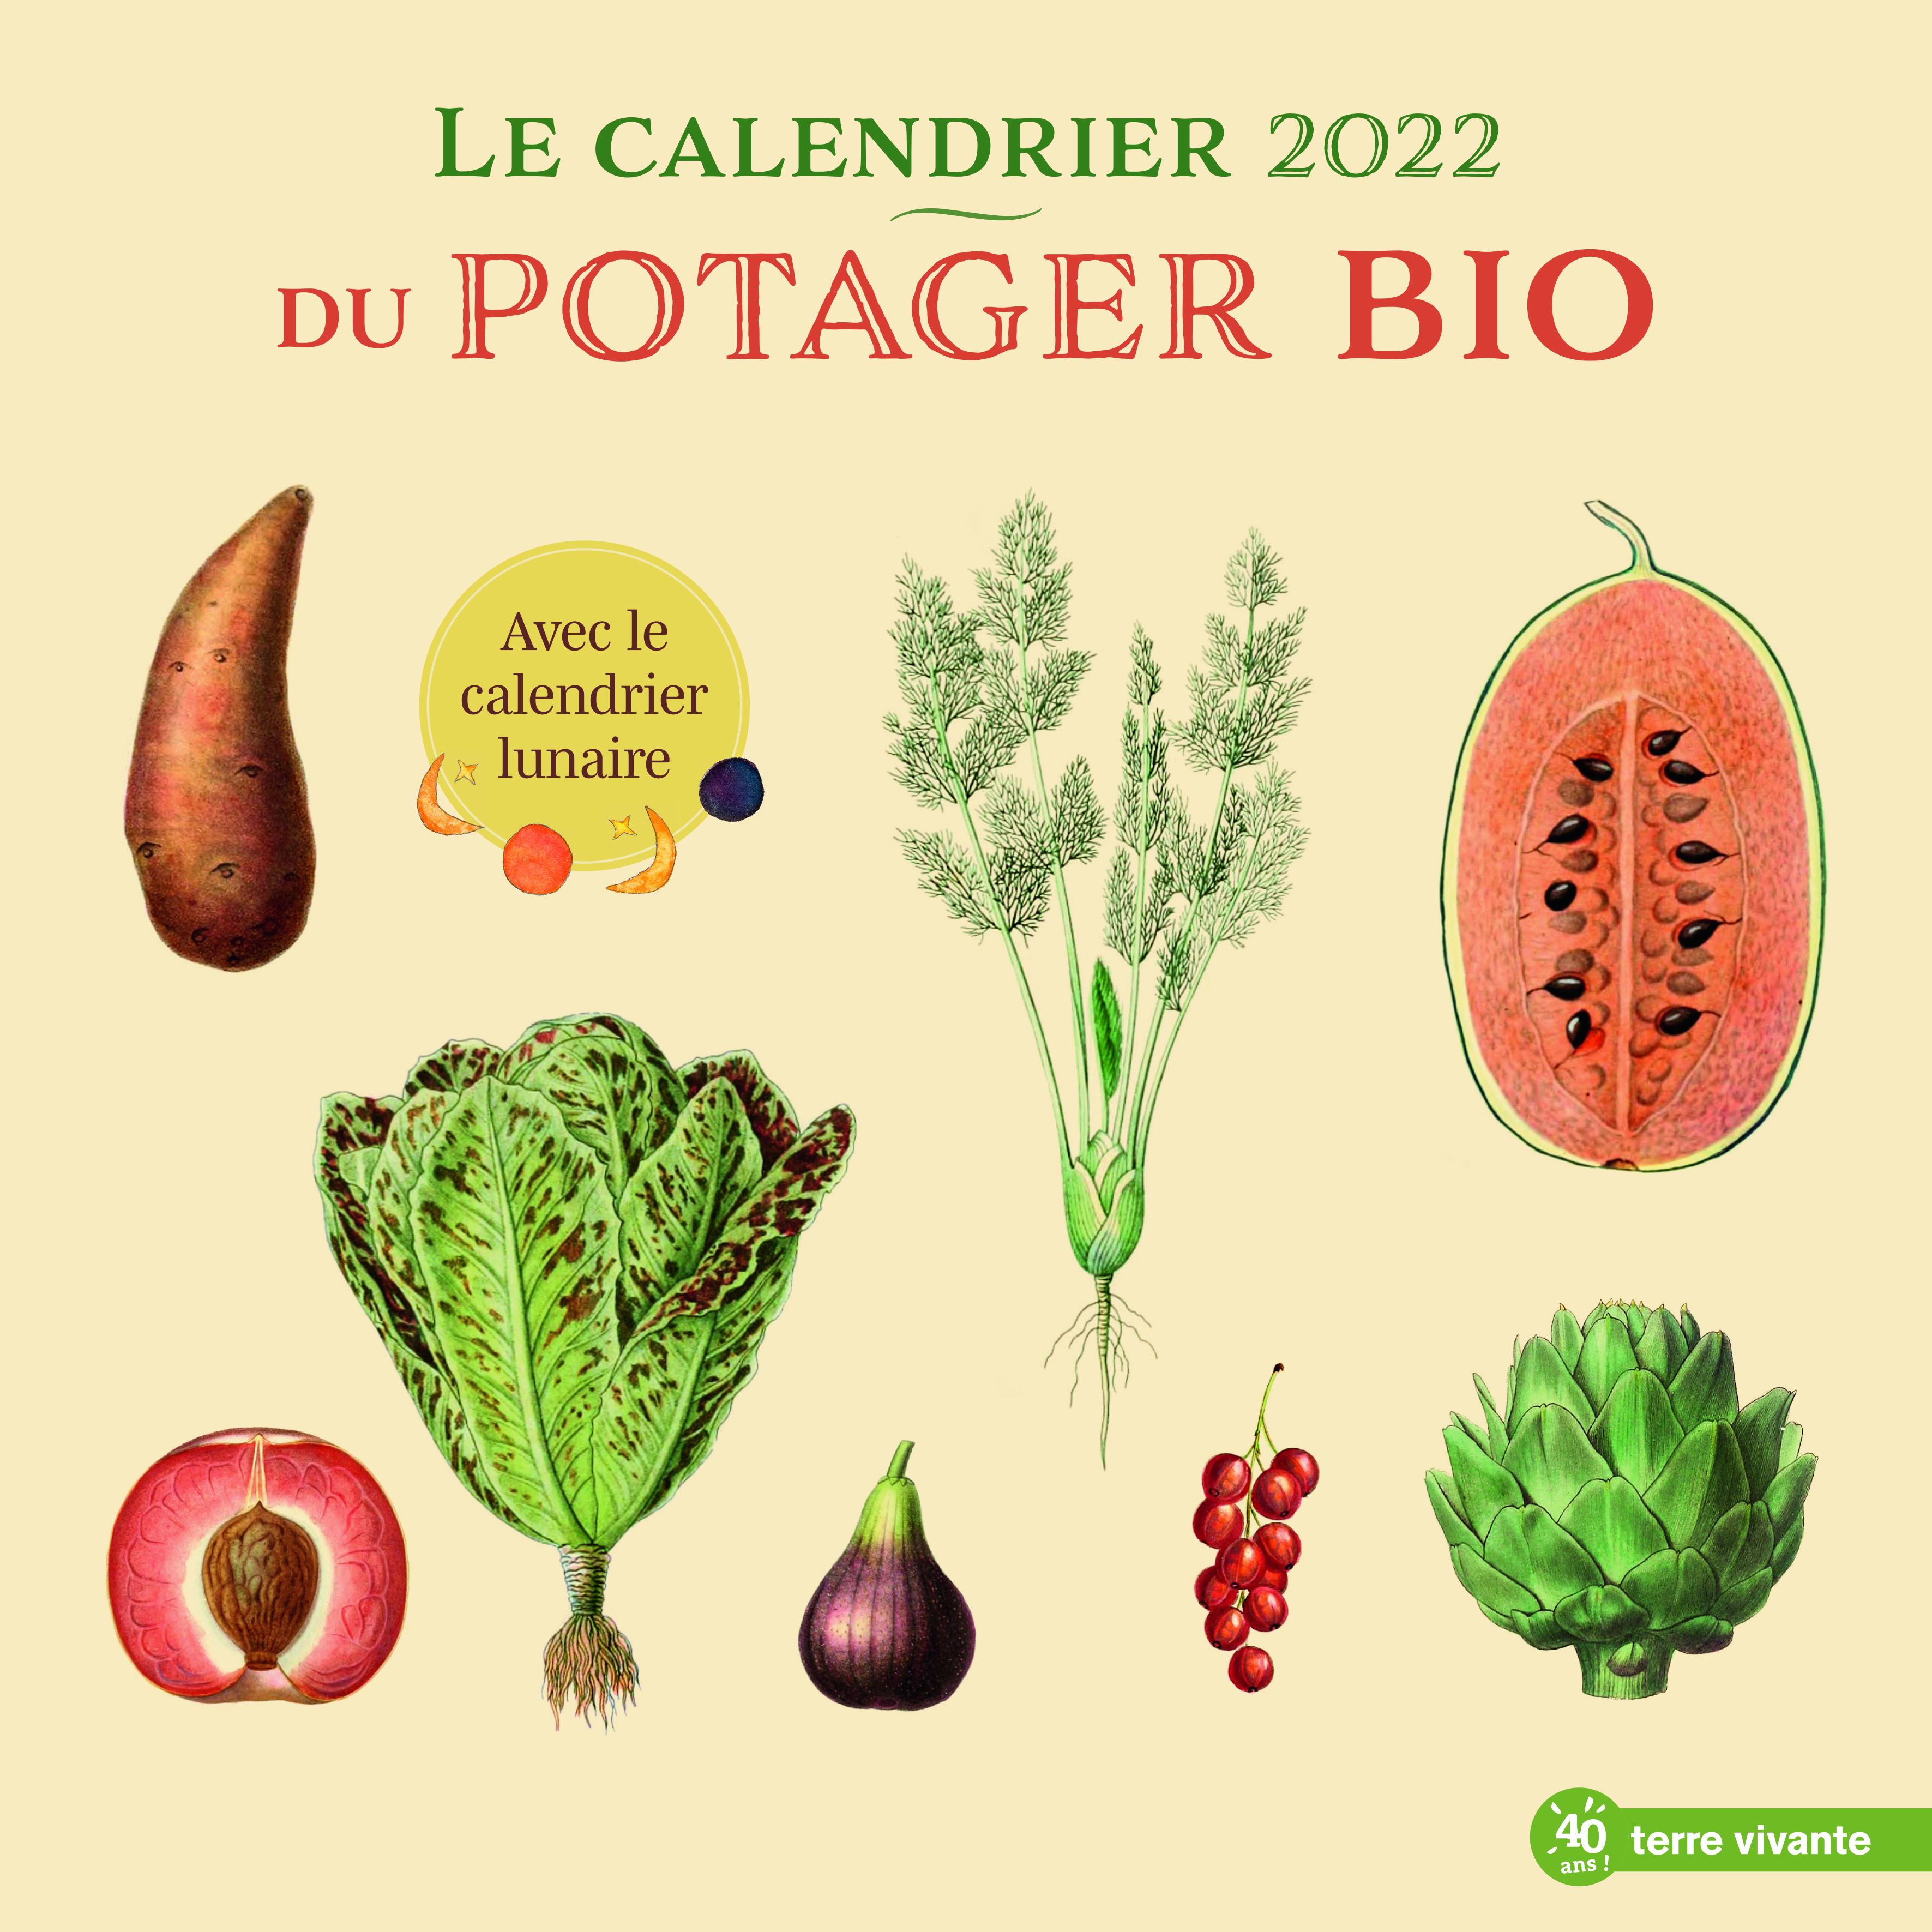 LE CALENDRIER 2022 DU POTAGER BIO - AVEC LE CALENDRIER LUNAIRE